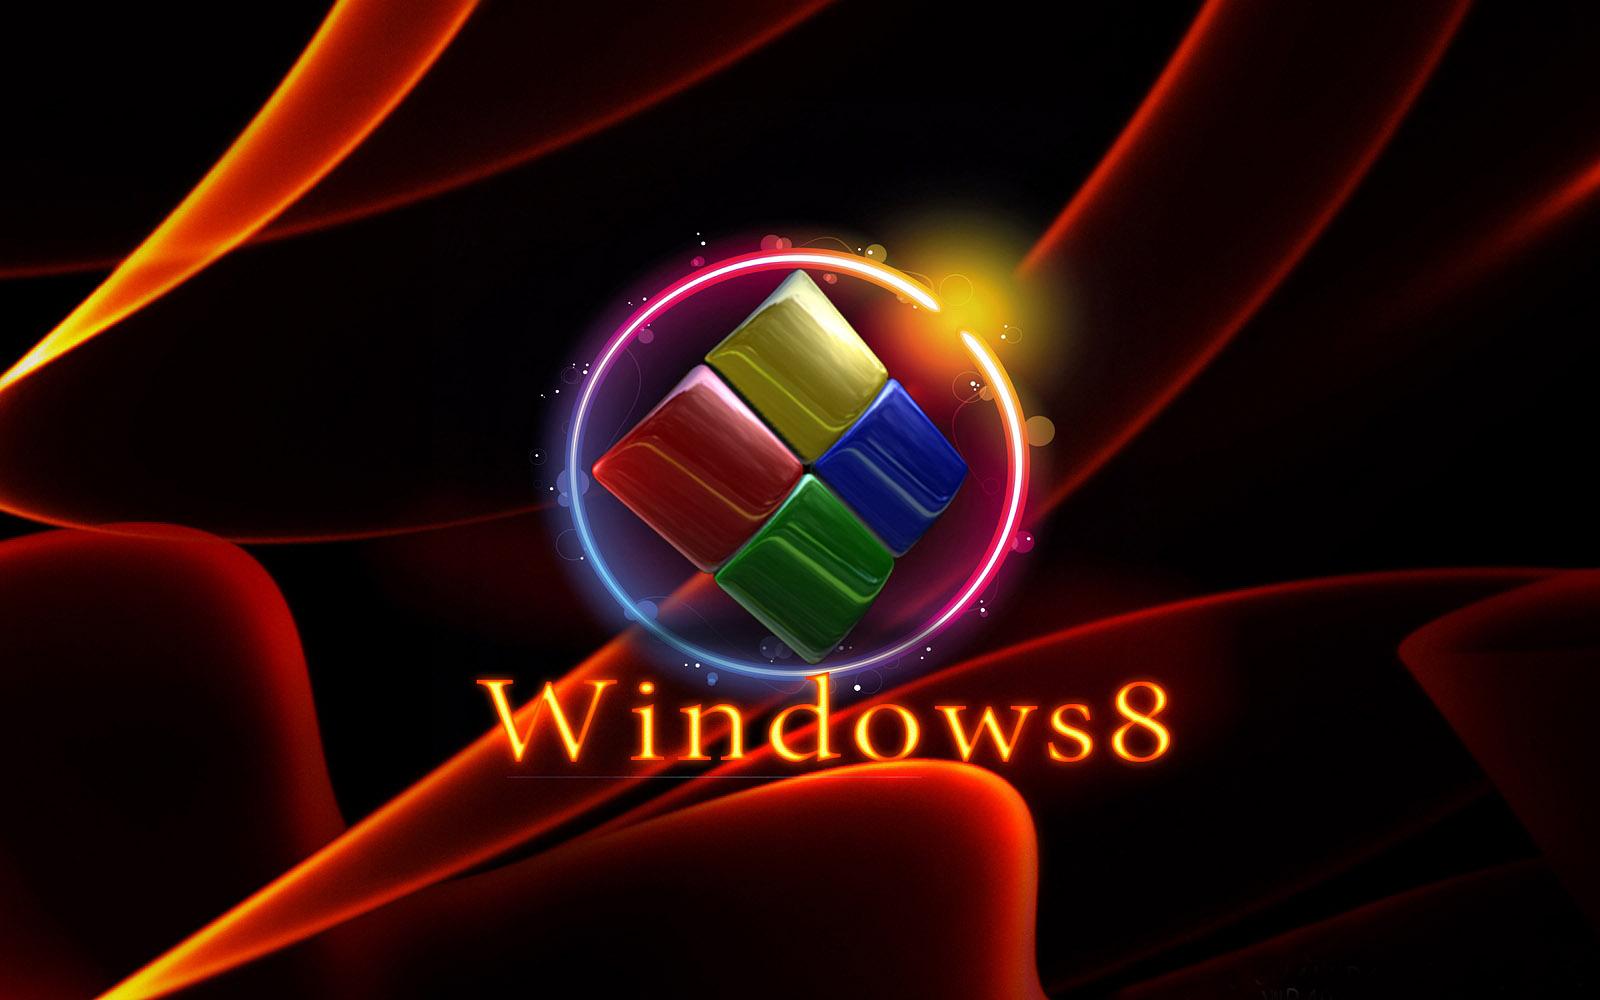 http://2.bp.blogspot.com/-u7kbcTK4M9E/UDJtgRotZ1I/AAAAAAAAAkw/98WDWpS5zLI/s1600/hd-oranje-zwarte-windows-8-wallpaper-met-logo-en-zwarte-achtergrond.jpg